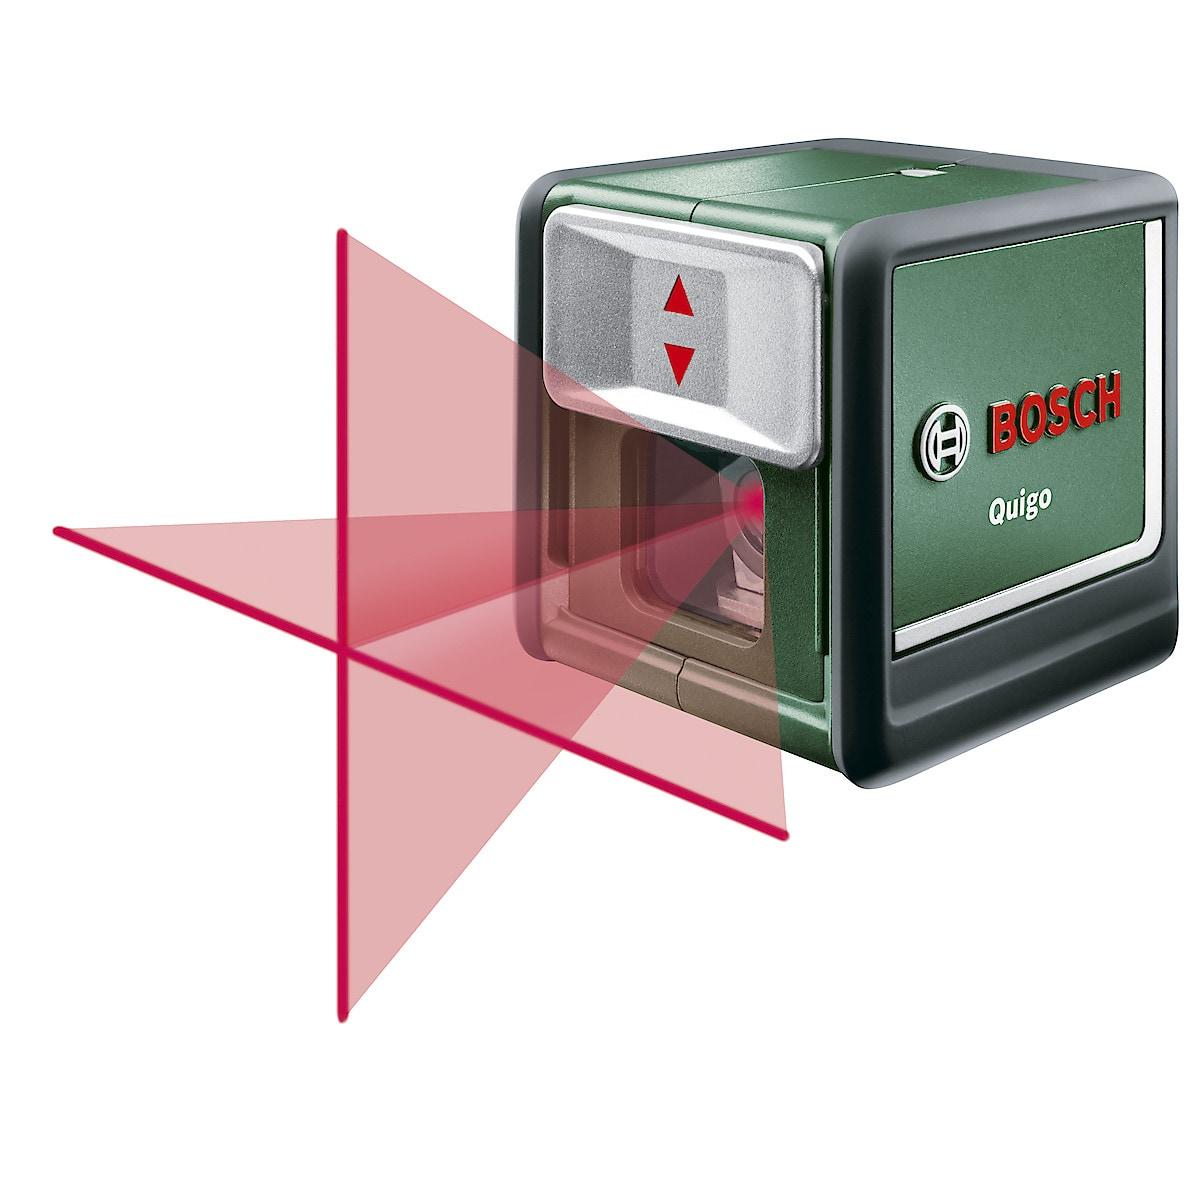 Kreuzlinien-Laser Bosch Quigo II